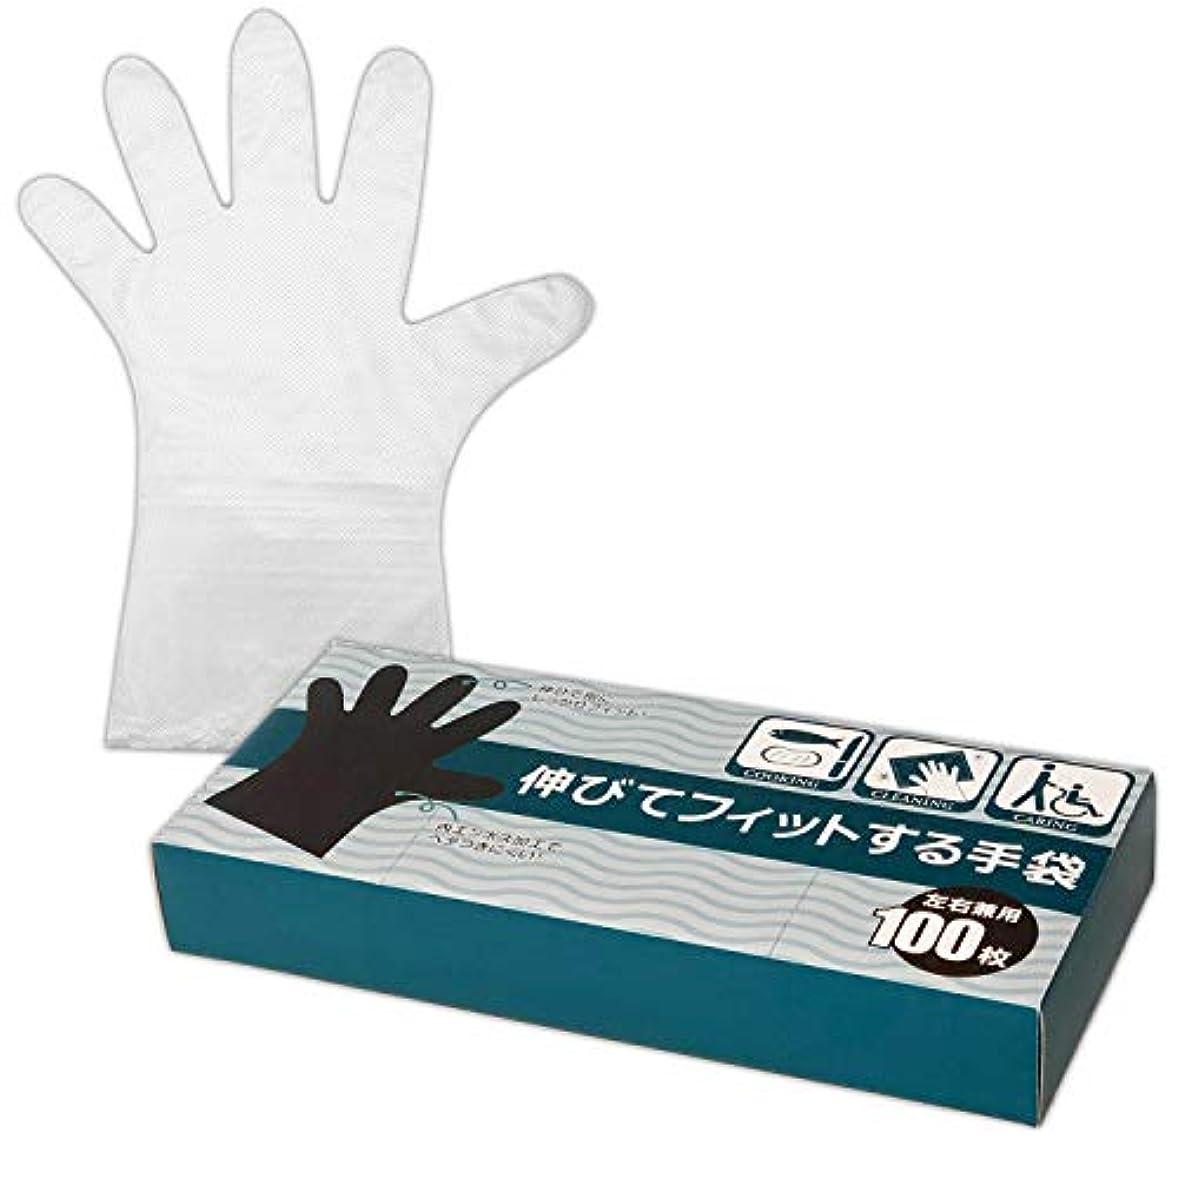 伸びてフィットする手袋 100枚入 使い捨て 作業用 キッチン 掃除 料理 介護